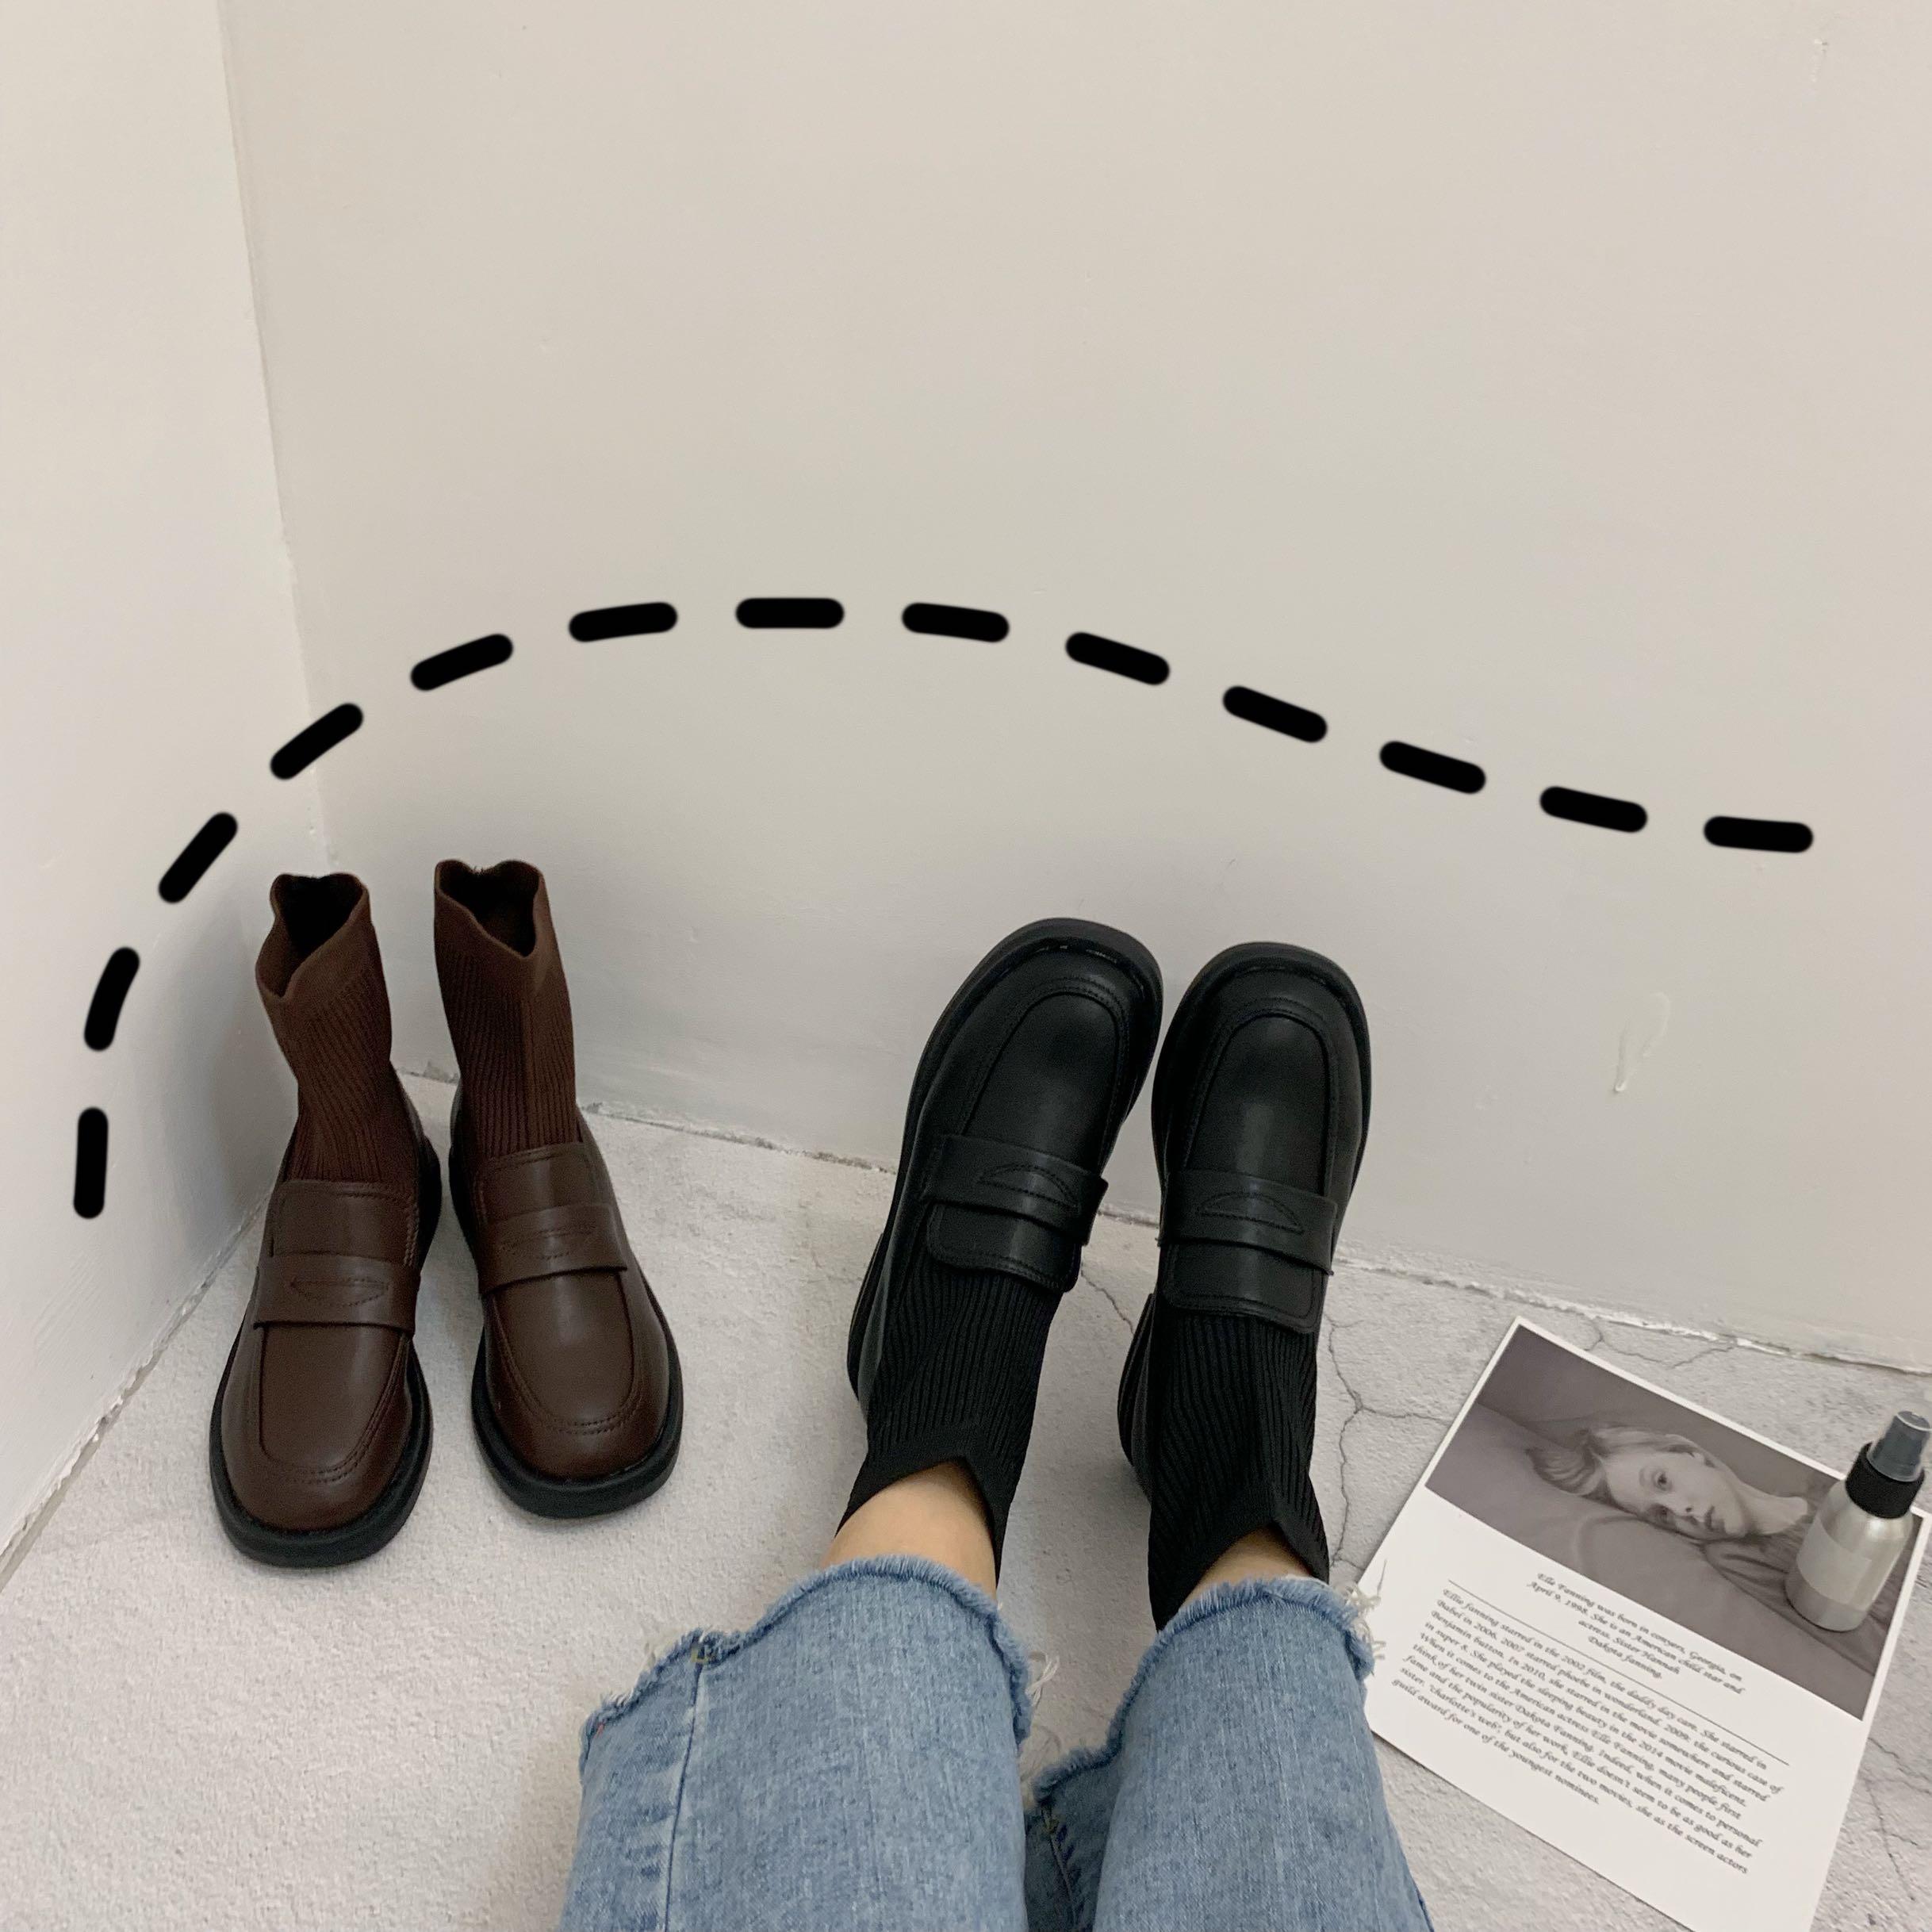 实拍 学院风英伦小皮鞋女2019春秋新款弹力袜子靴厚底针织短靴-Nikki-